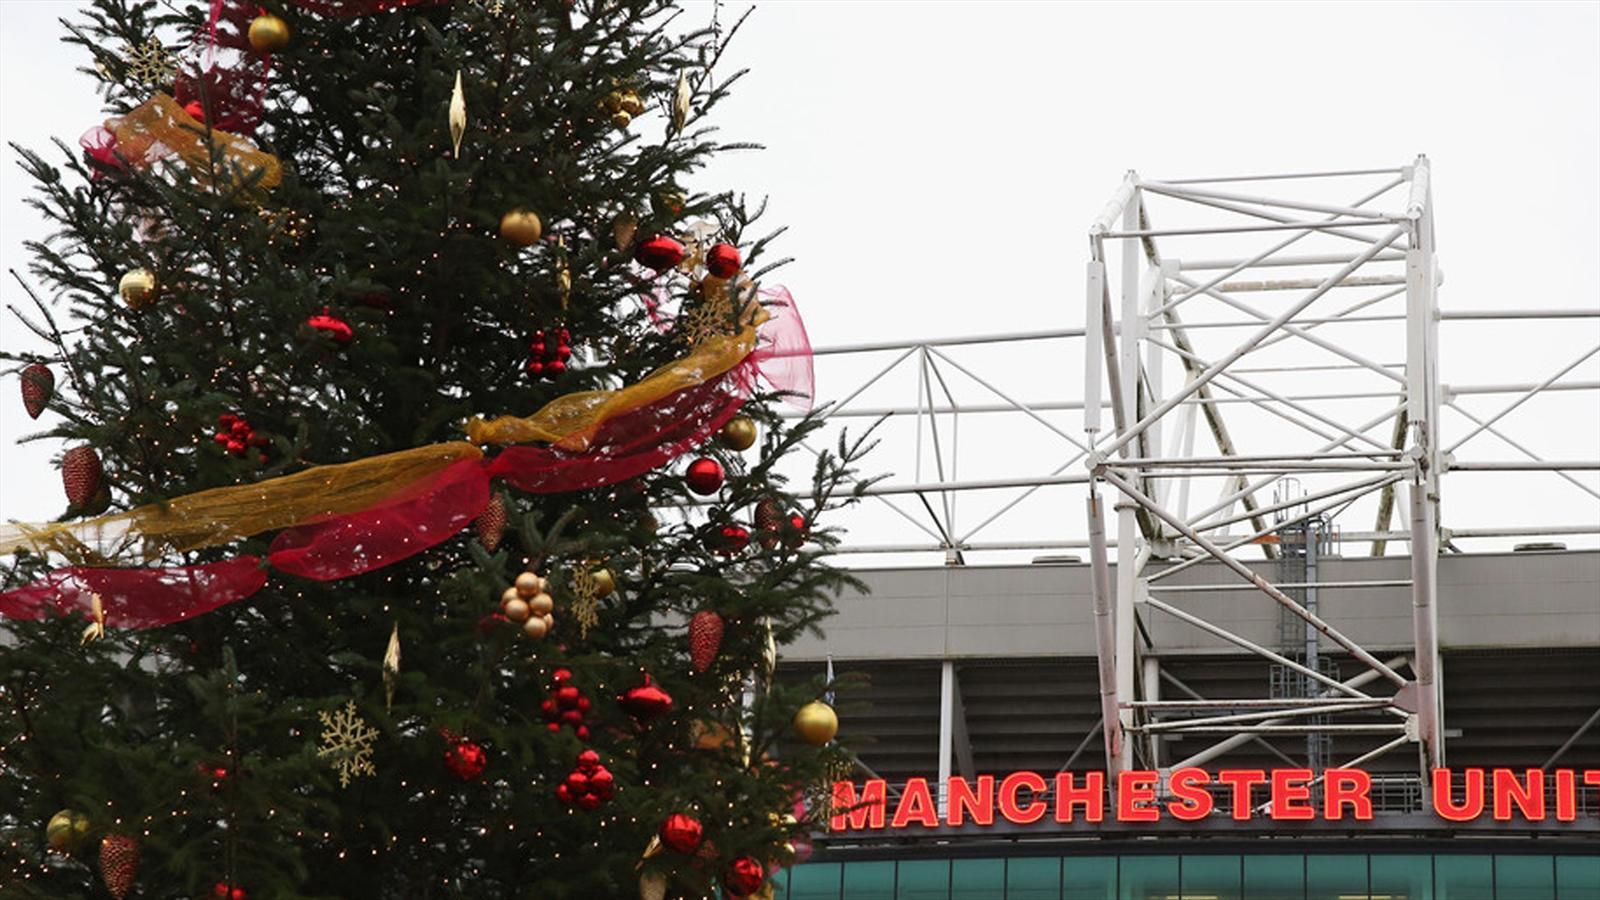 Manchester united revenue rises despite champions league - University league tables french ...